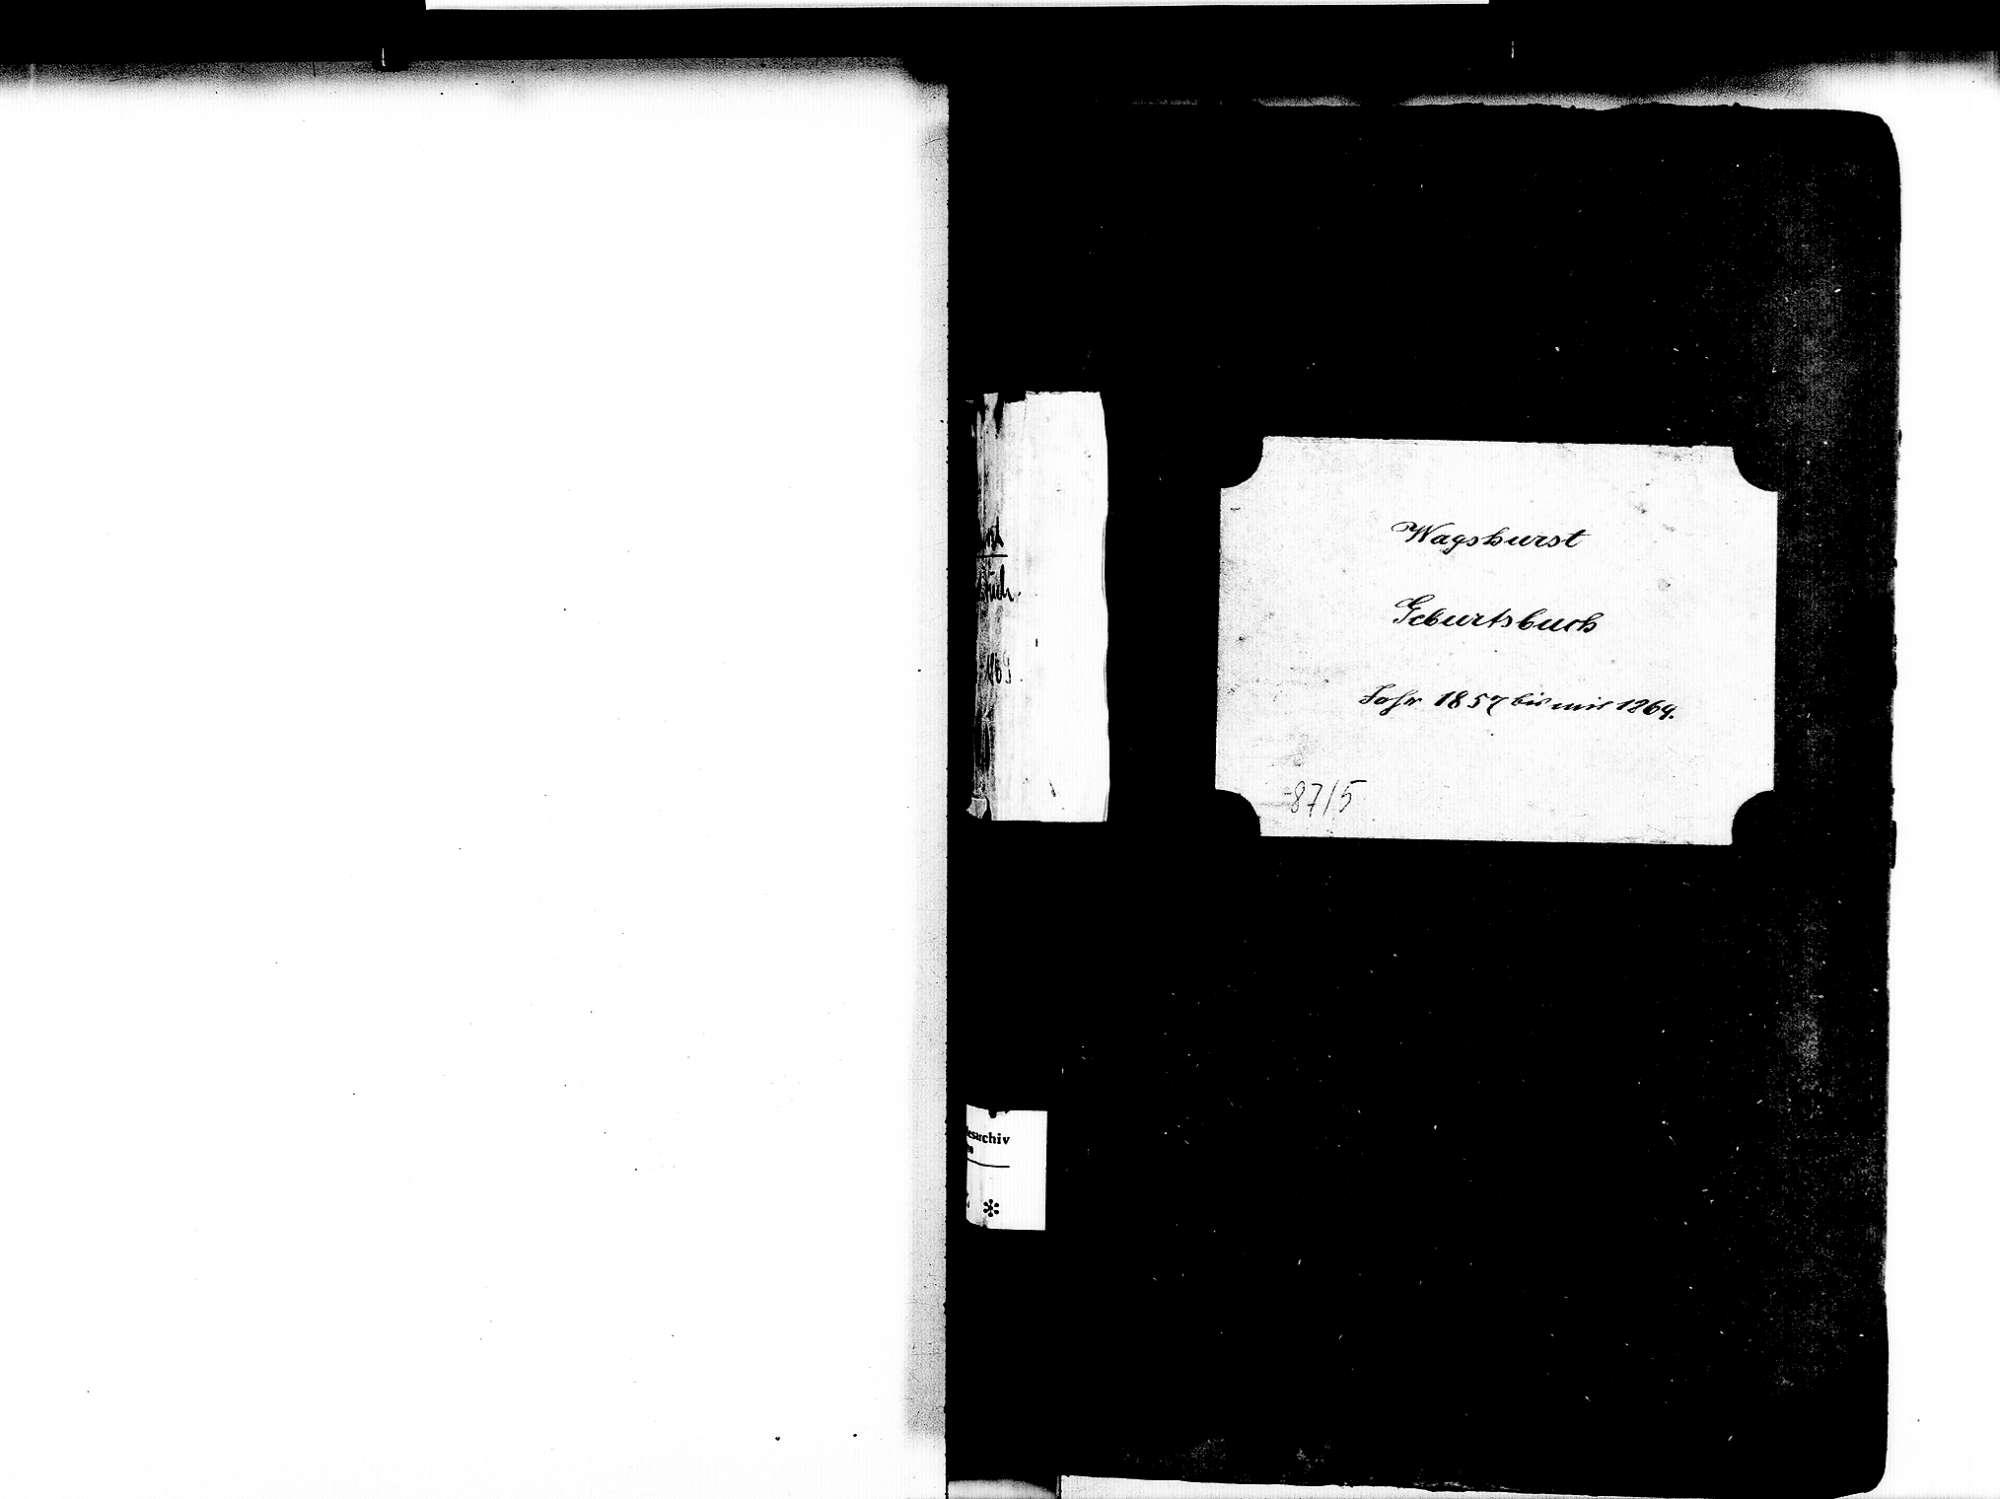 Wagshurst, Achern OG; Katholische Gemeinde: Geburtenbuch 1857-1869, Bild 3